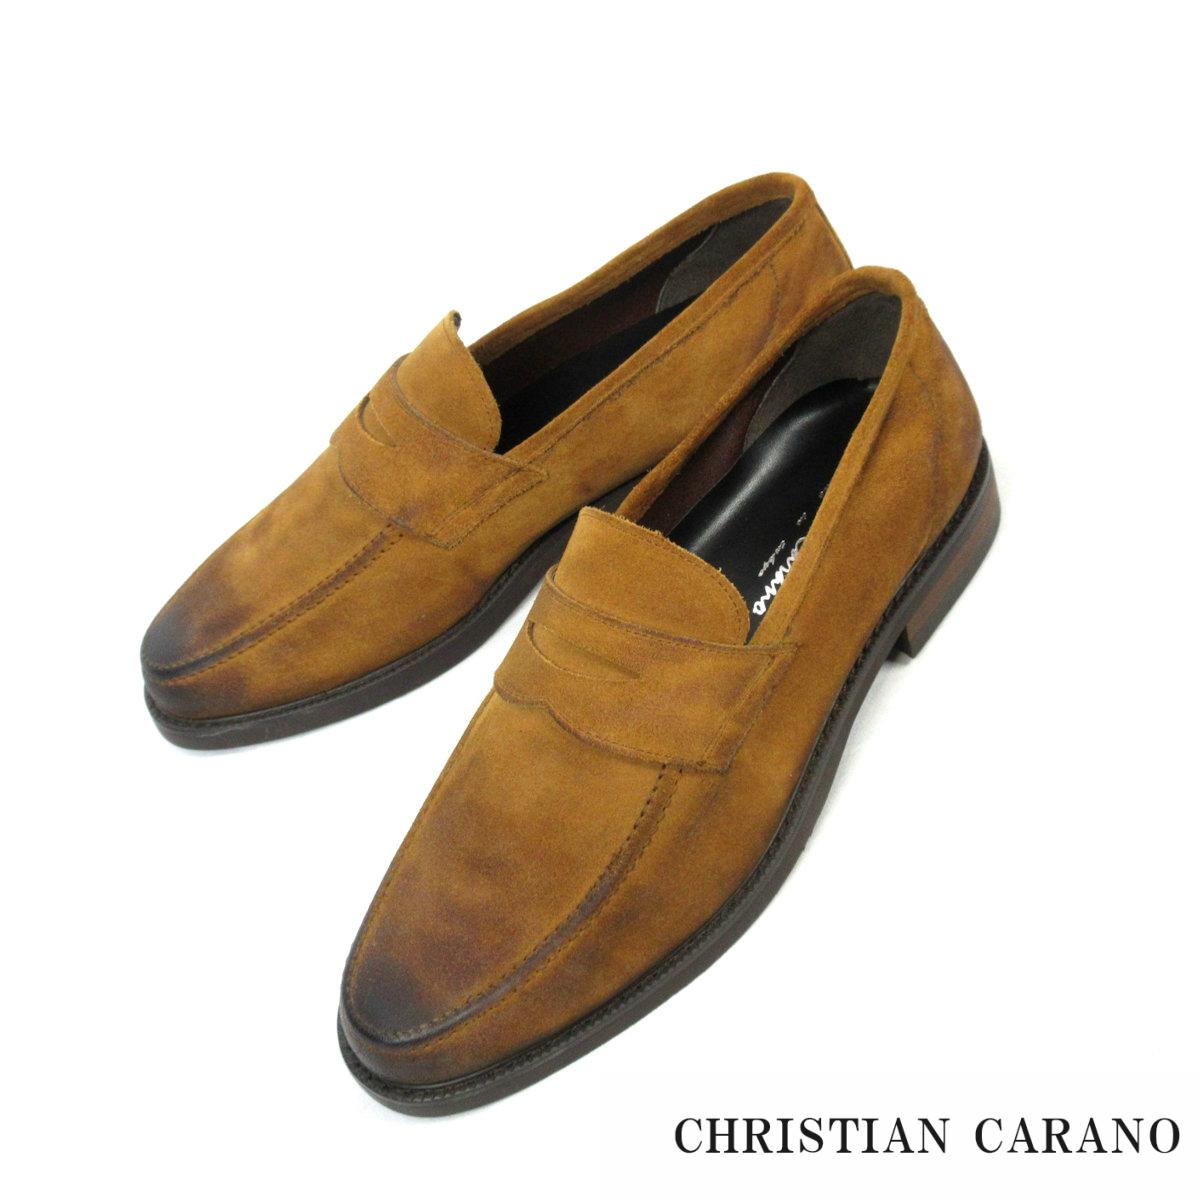 1点物 日本製 本牛革スエード ドレスシューズ メンズ 靴 ショック吸収 おしゃれ 高級 ペニーローファー 3Eクリスチャンカラノ Christian Carano 高級